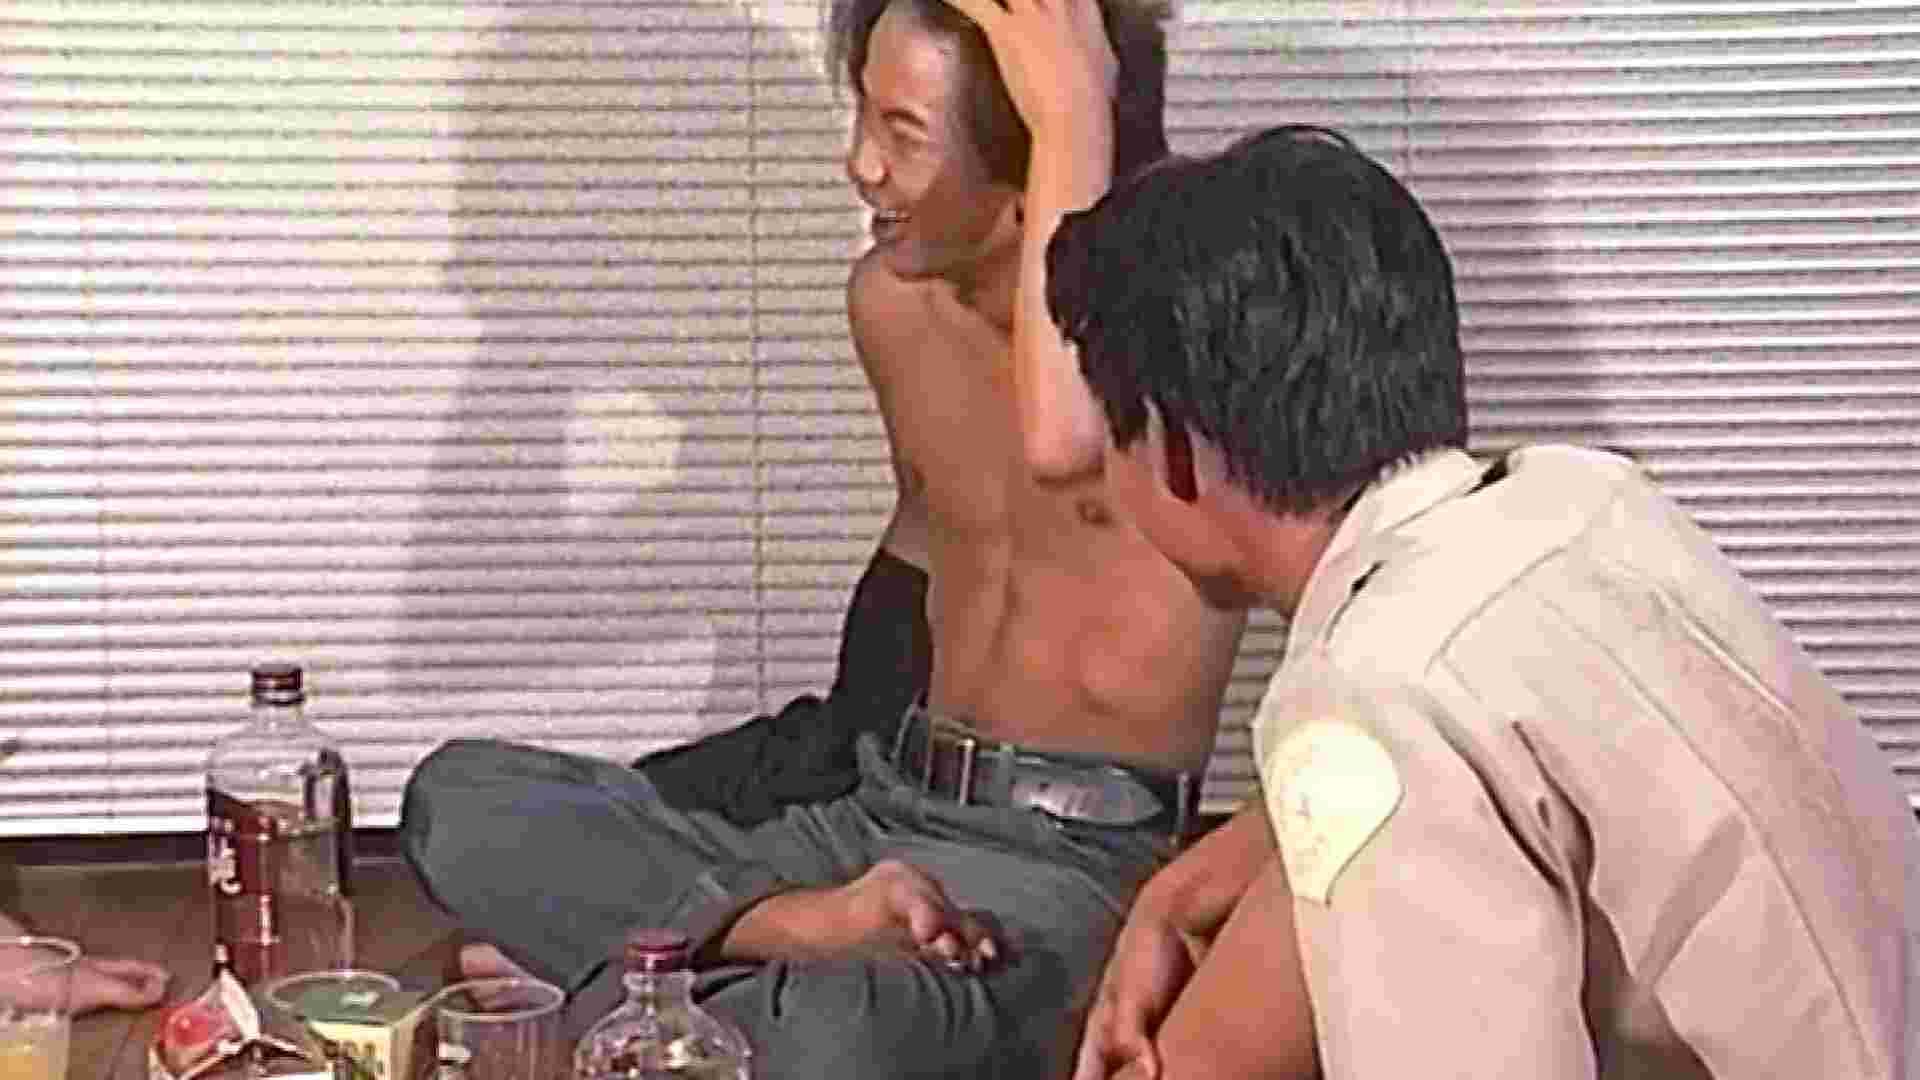 イケイケMEN'SCLUB vol.23 複数人プレイ ゲイフリーエロ画像 76枚 1